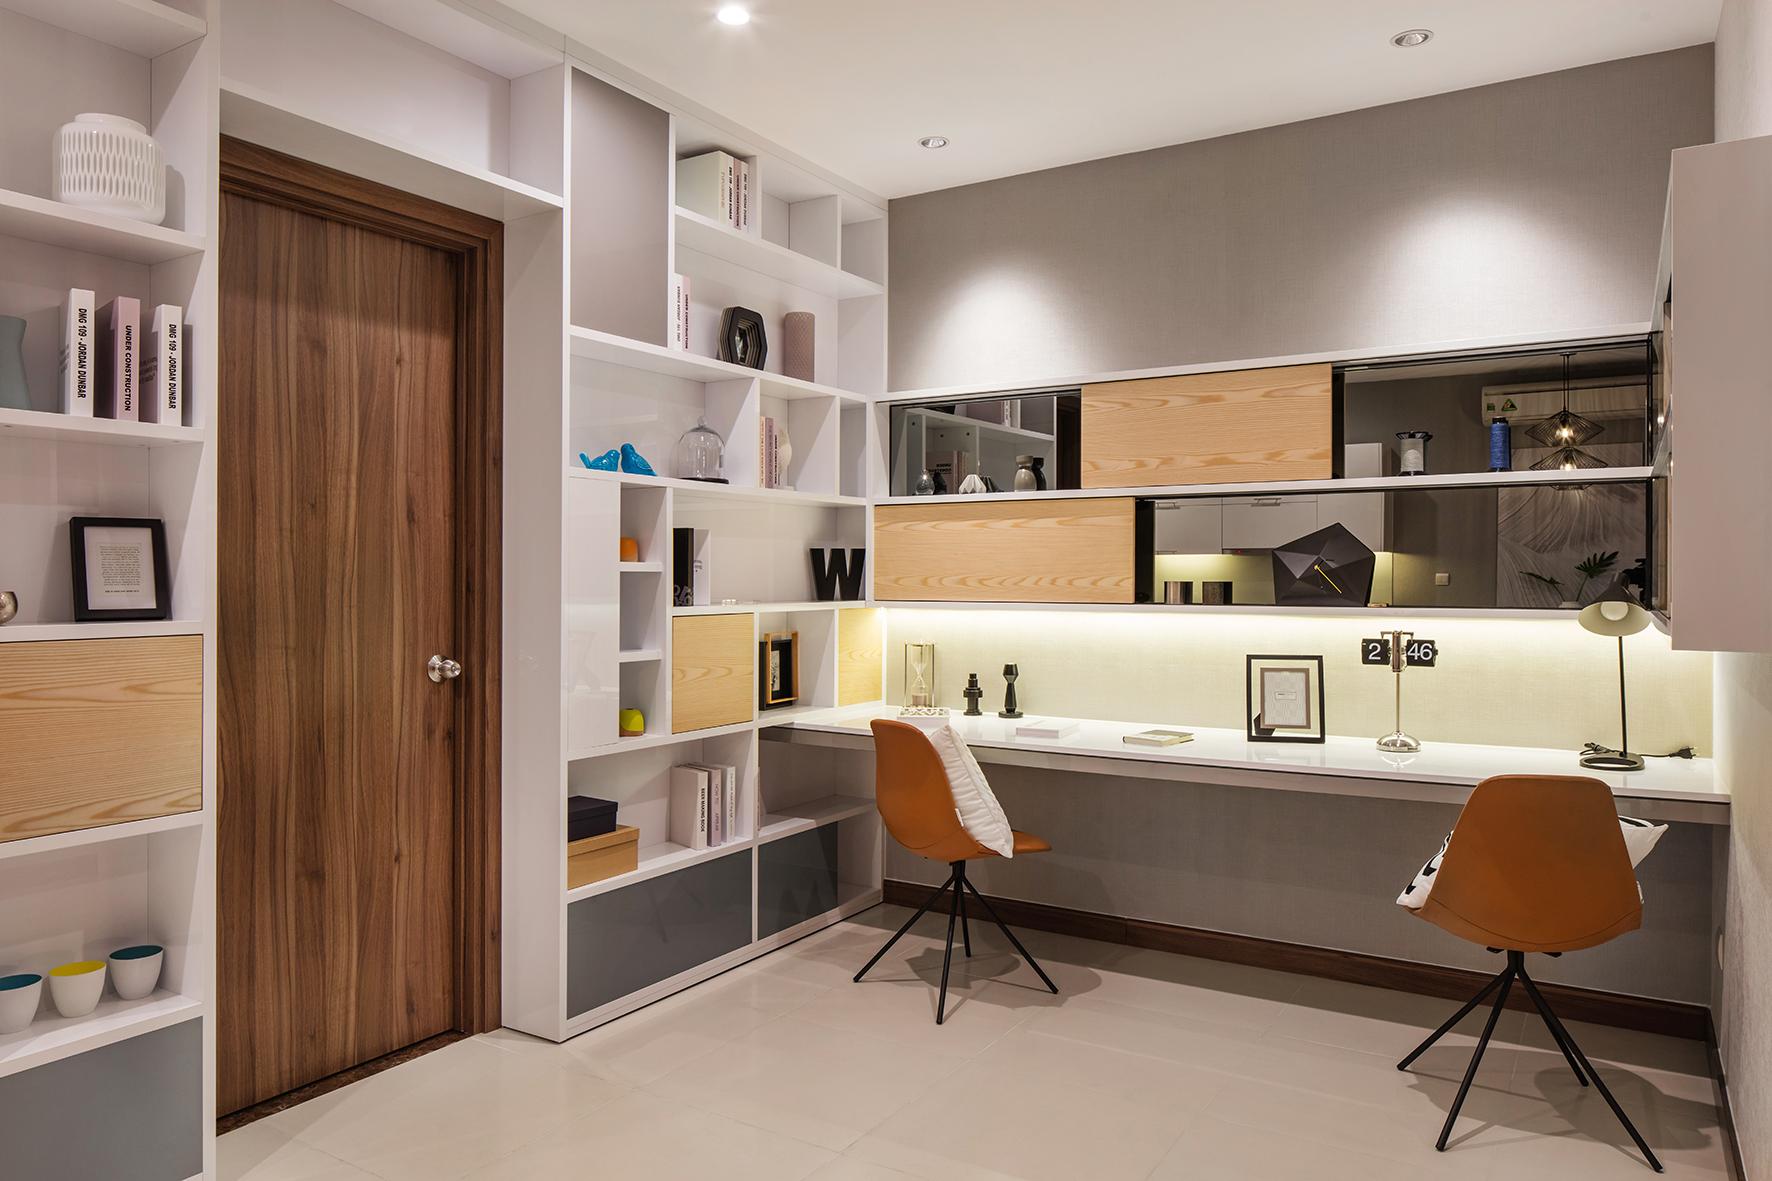 Nhà mẫu phòng làm việc thuộc dự án căn hộ Hà Đô Centrosa Garden